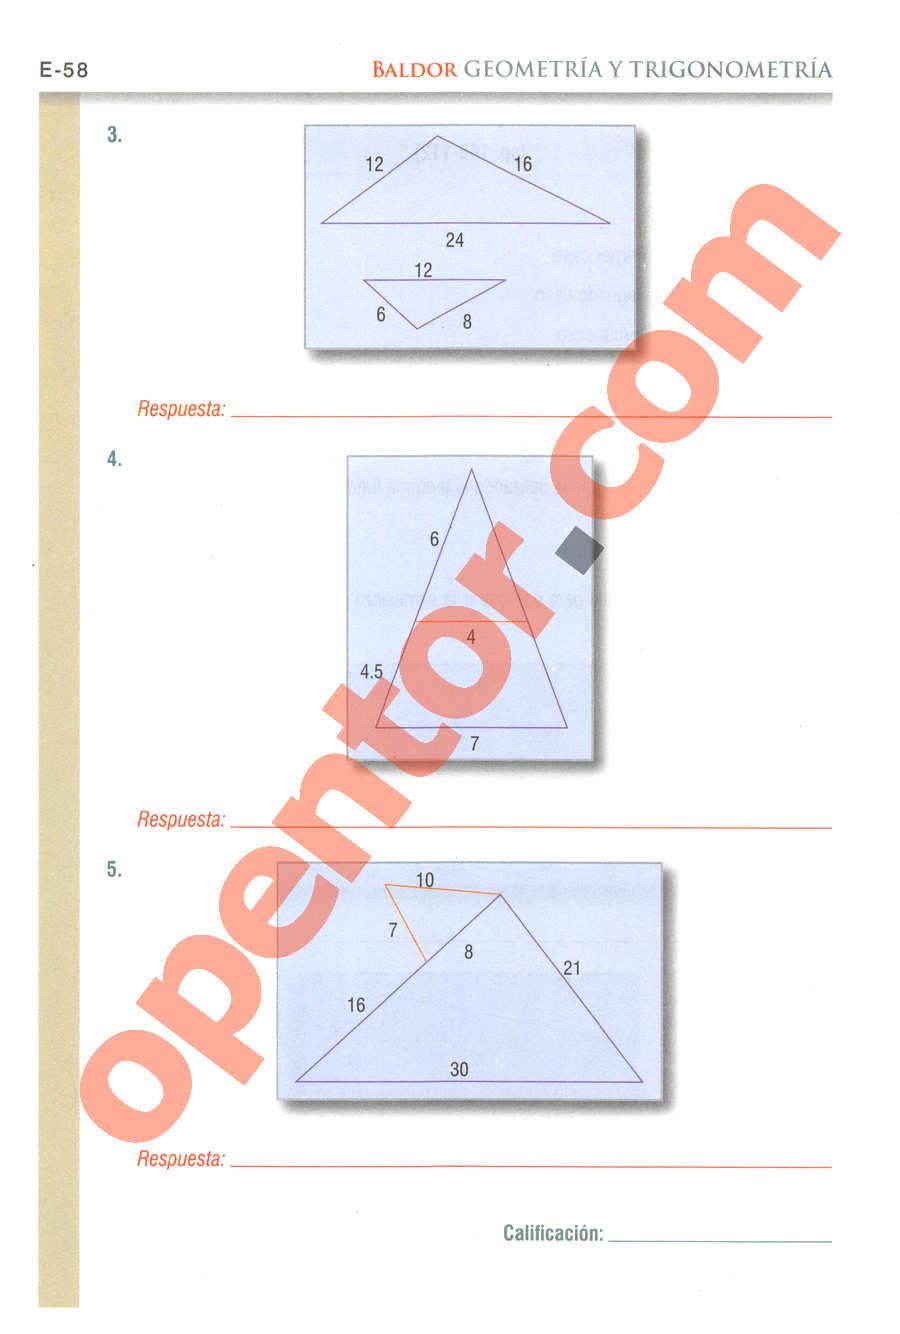 Geometría y Trigonometría de Baldor - Página E58